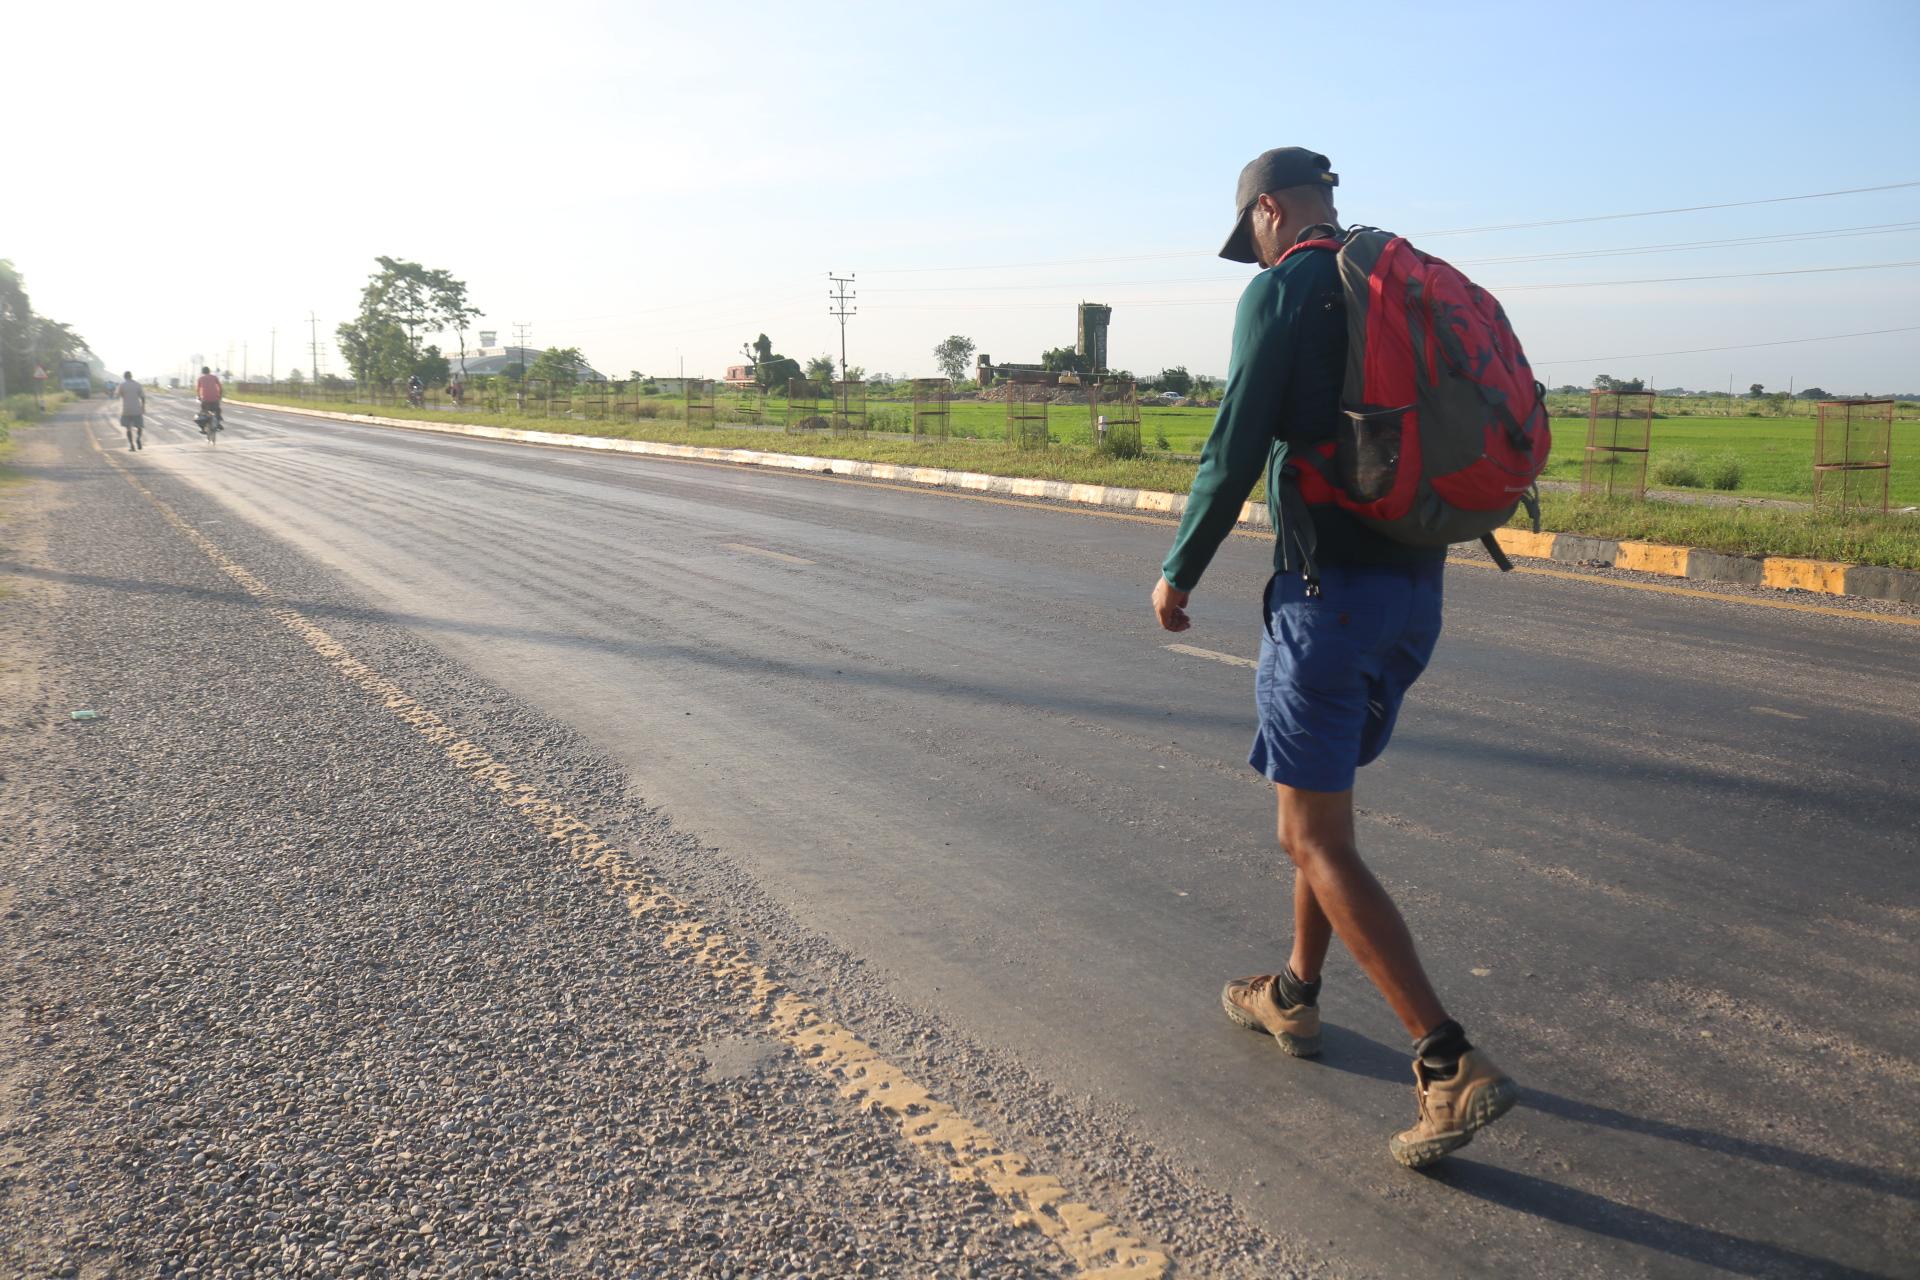 बुद्धको पाइला पछ्याउँदै भारतीय युवाको नेपालमा पदयात्रा